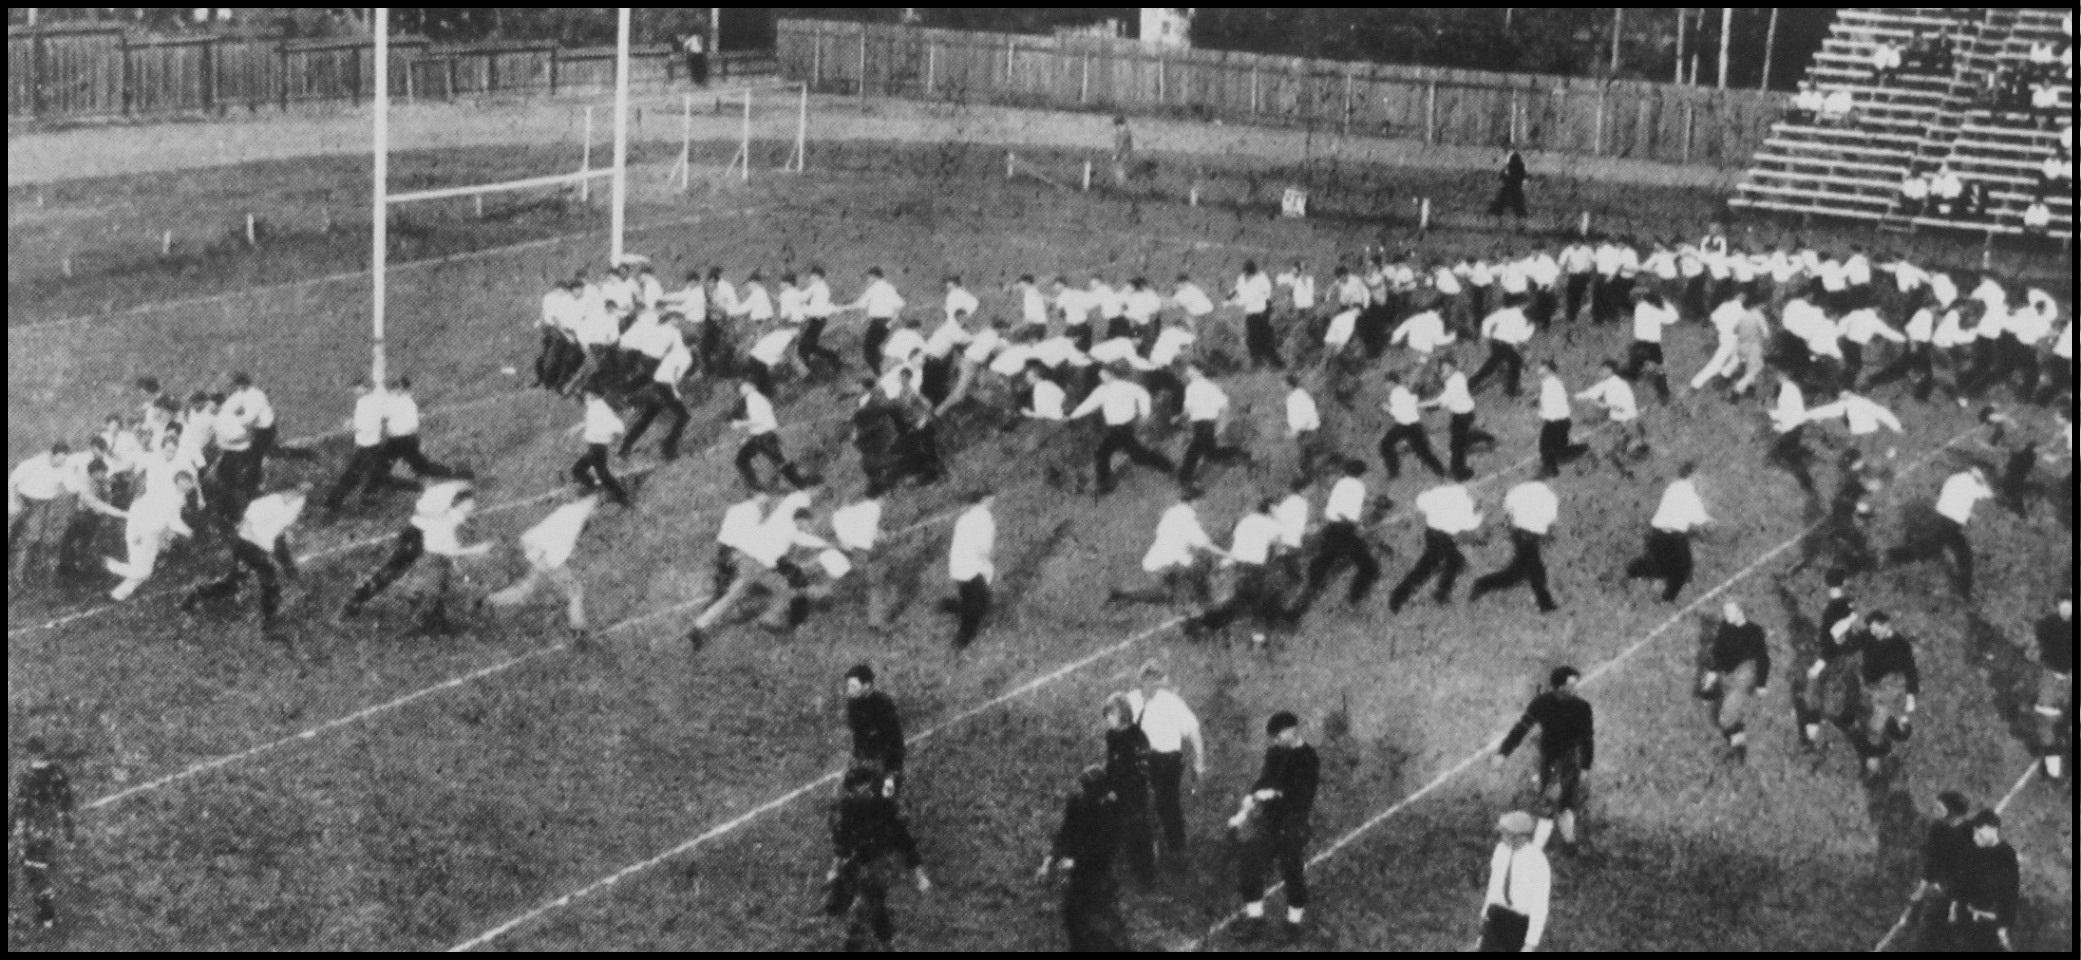 People on football field